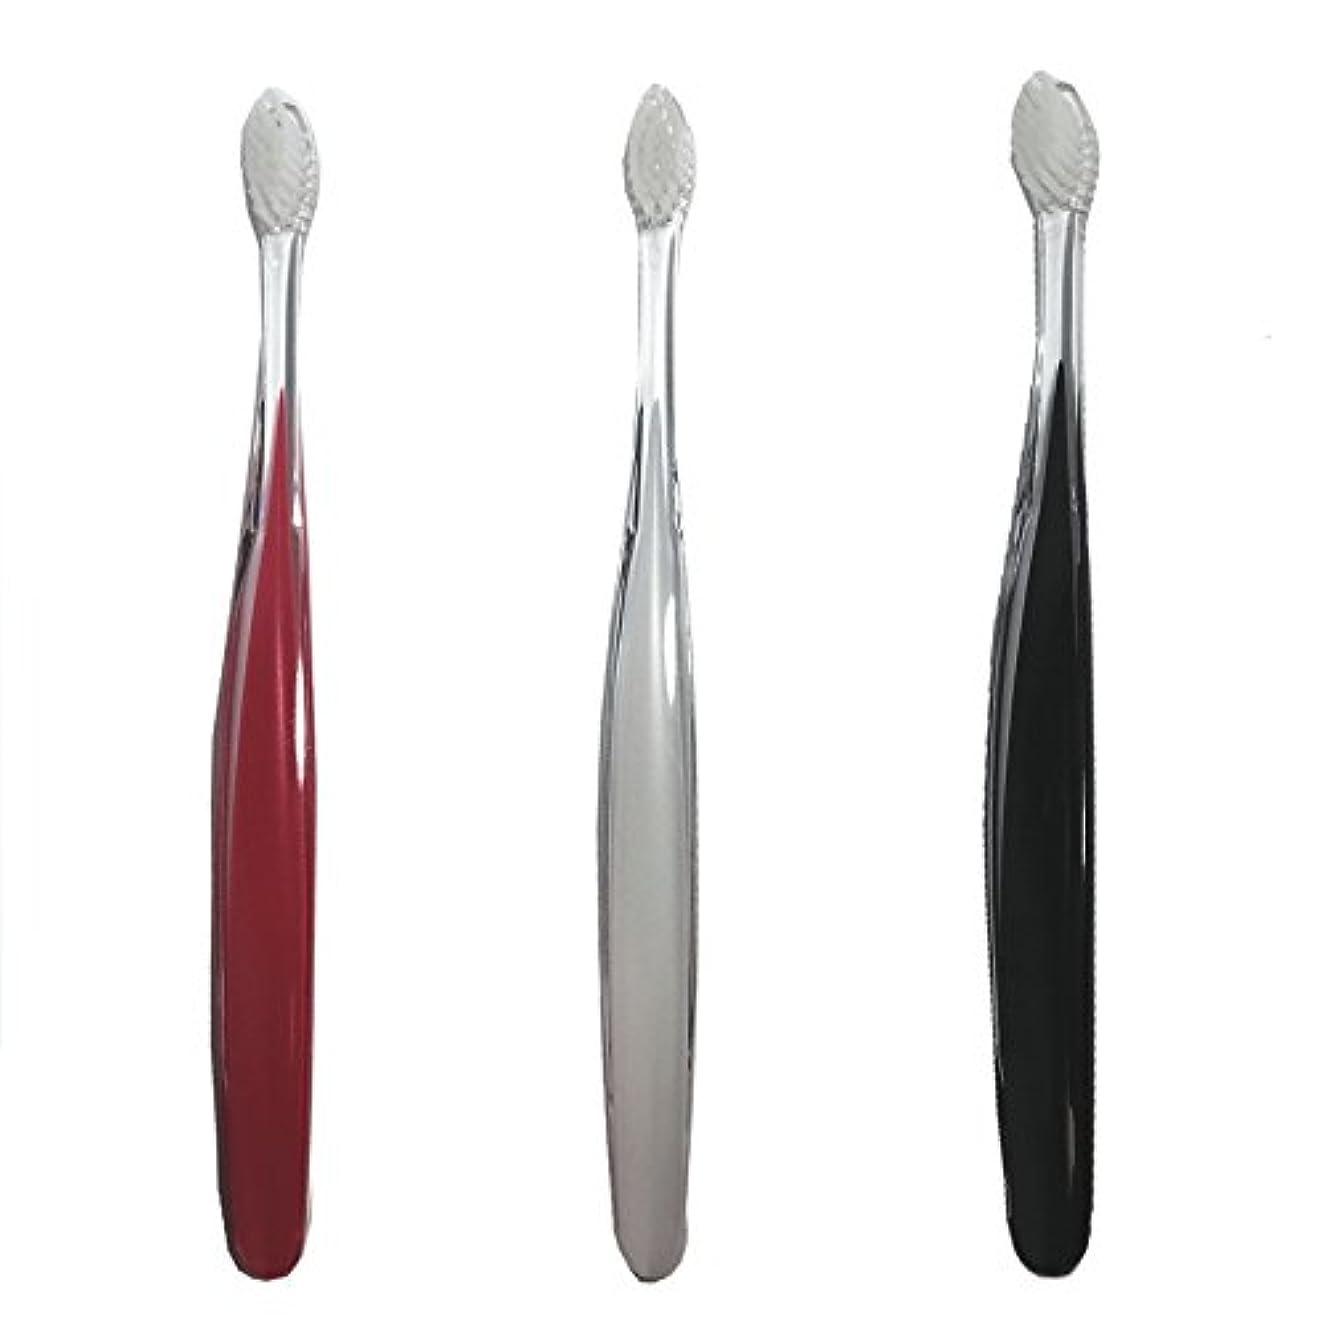 セラフほぼ練習したサムライ(SAMRAI)歯ブラシ ふつう 3色セット